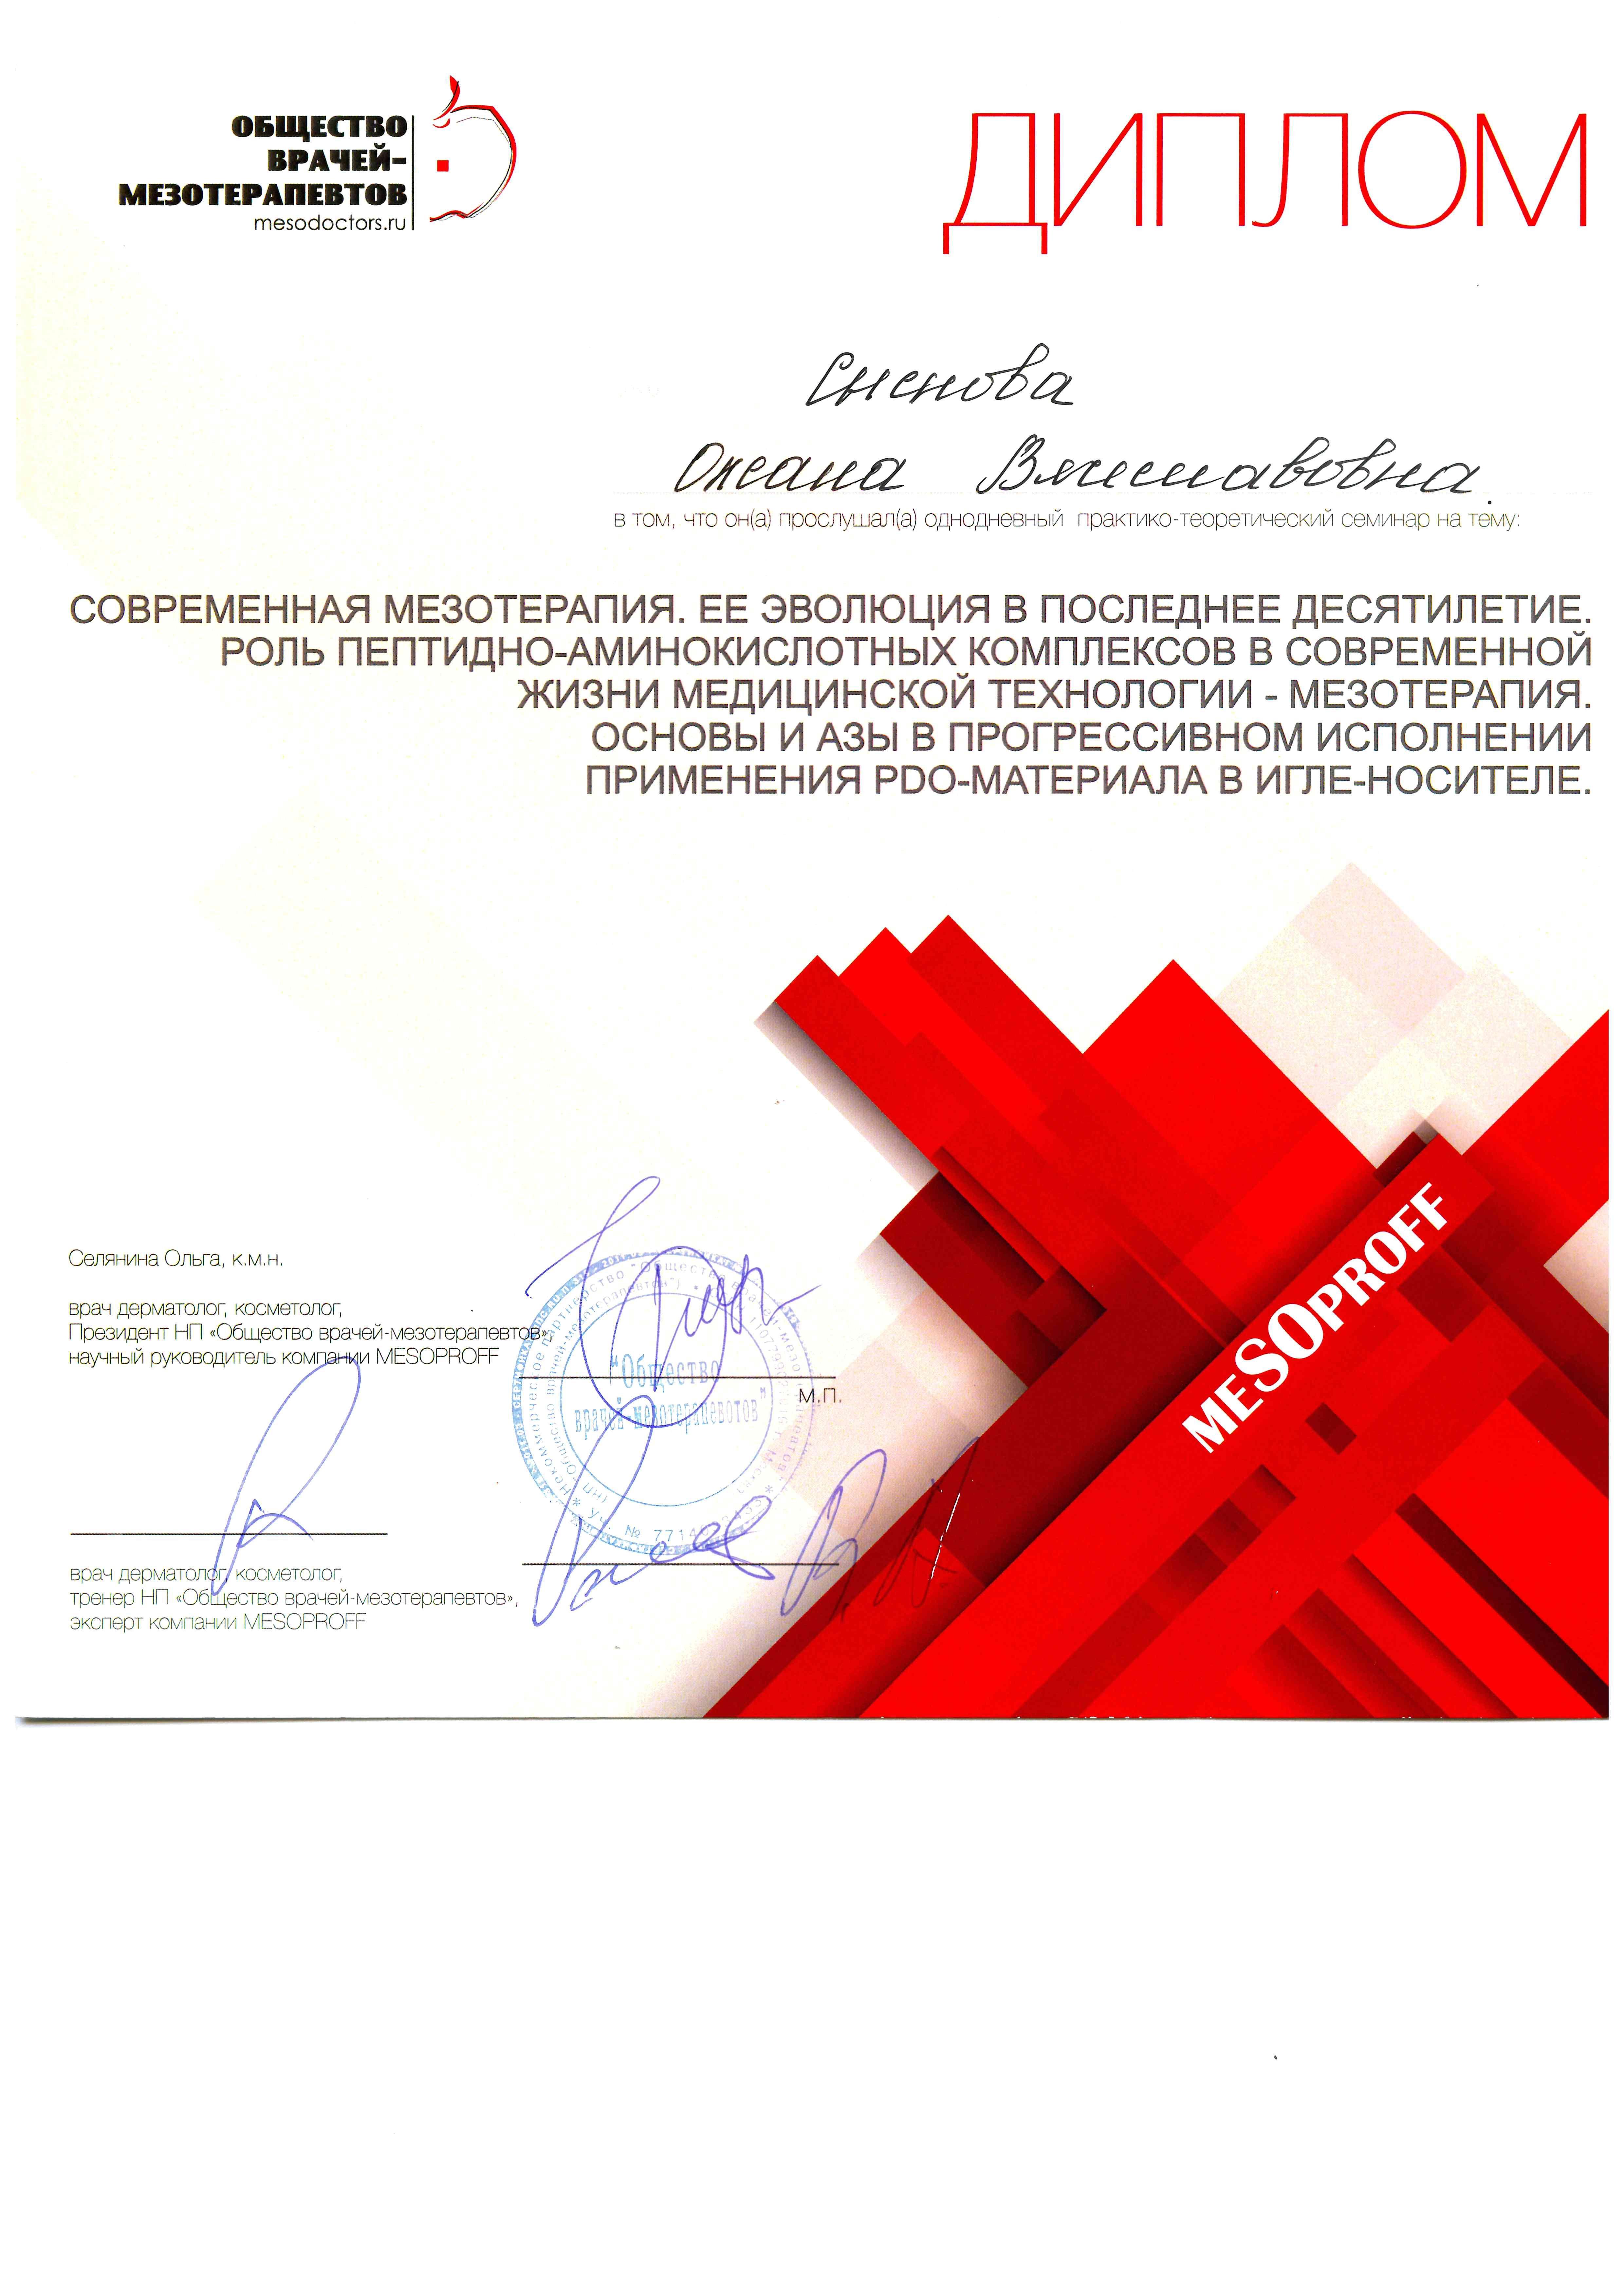 Dokumenty-po-kosmetologu-0010